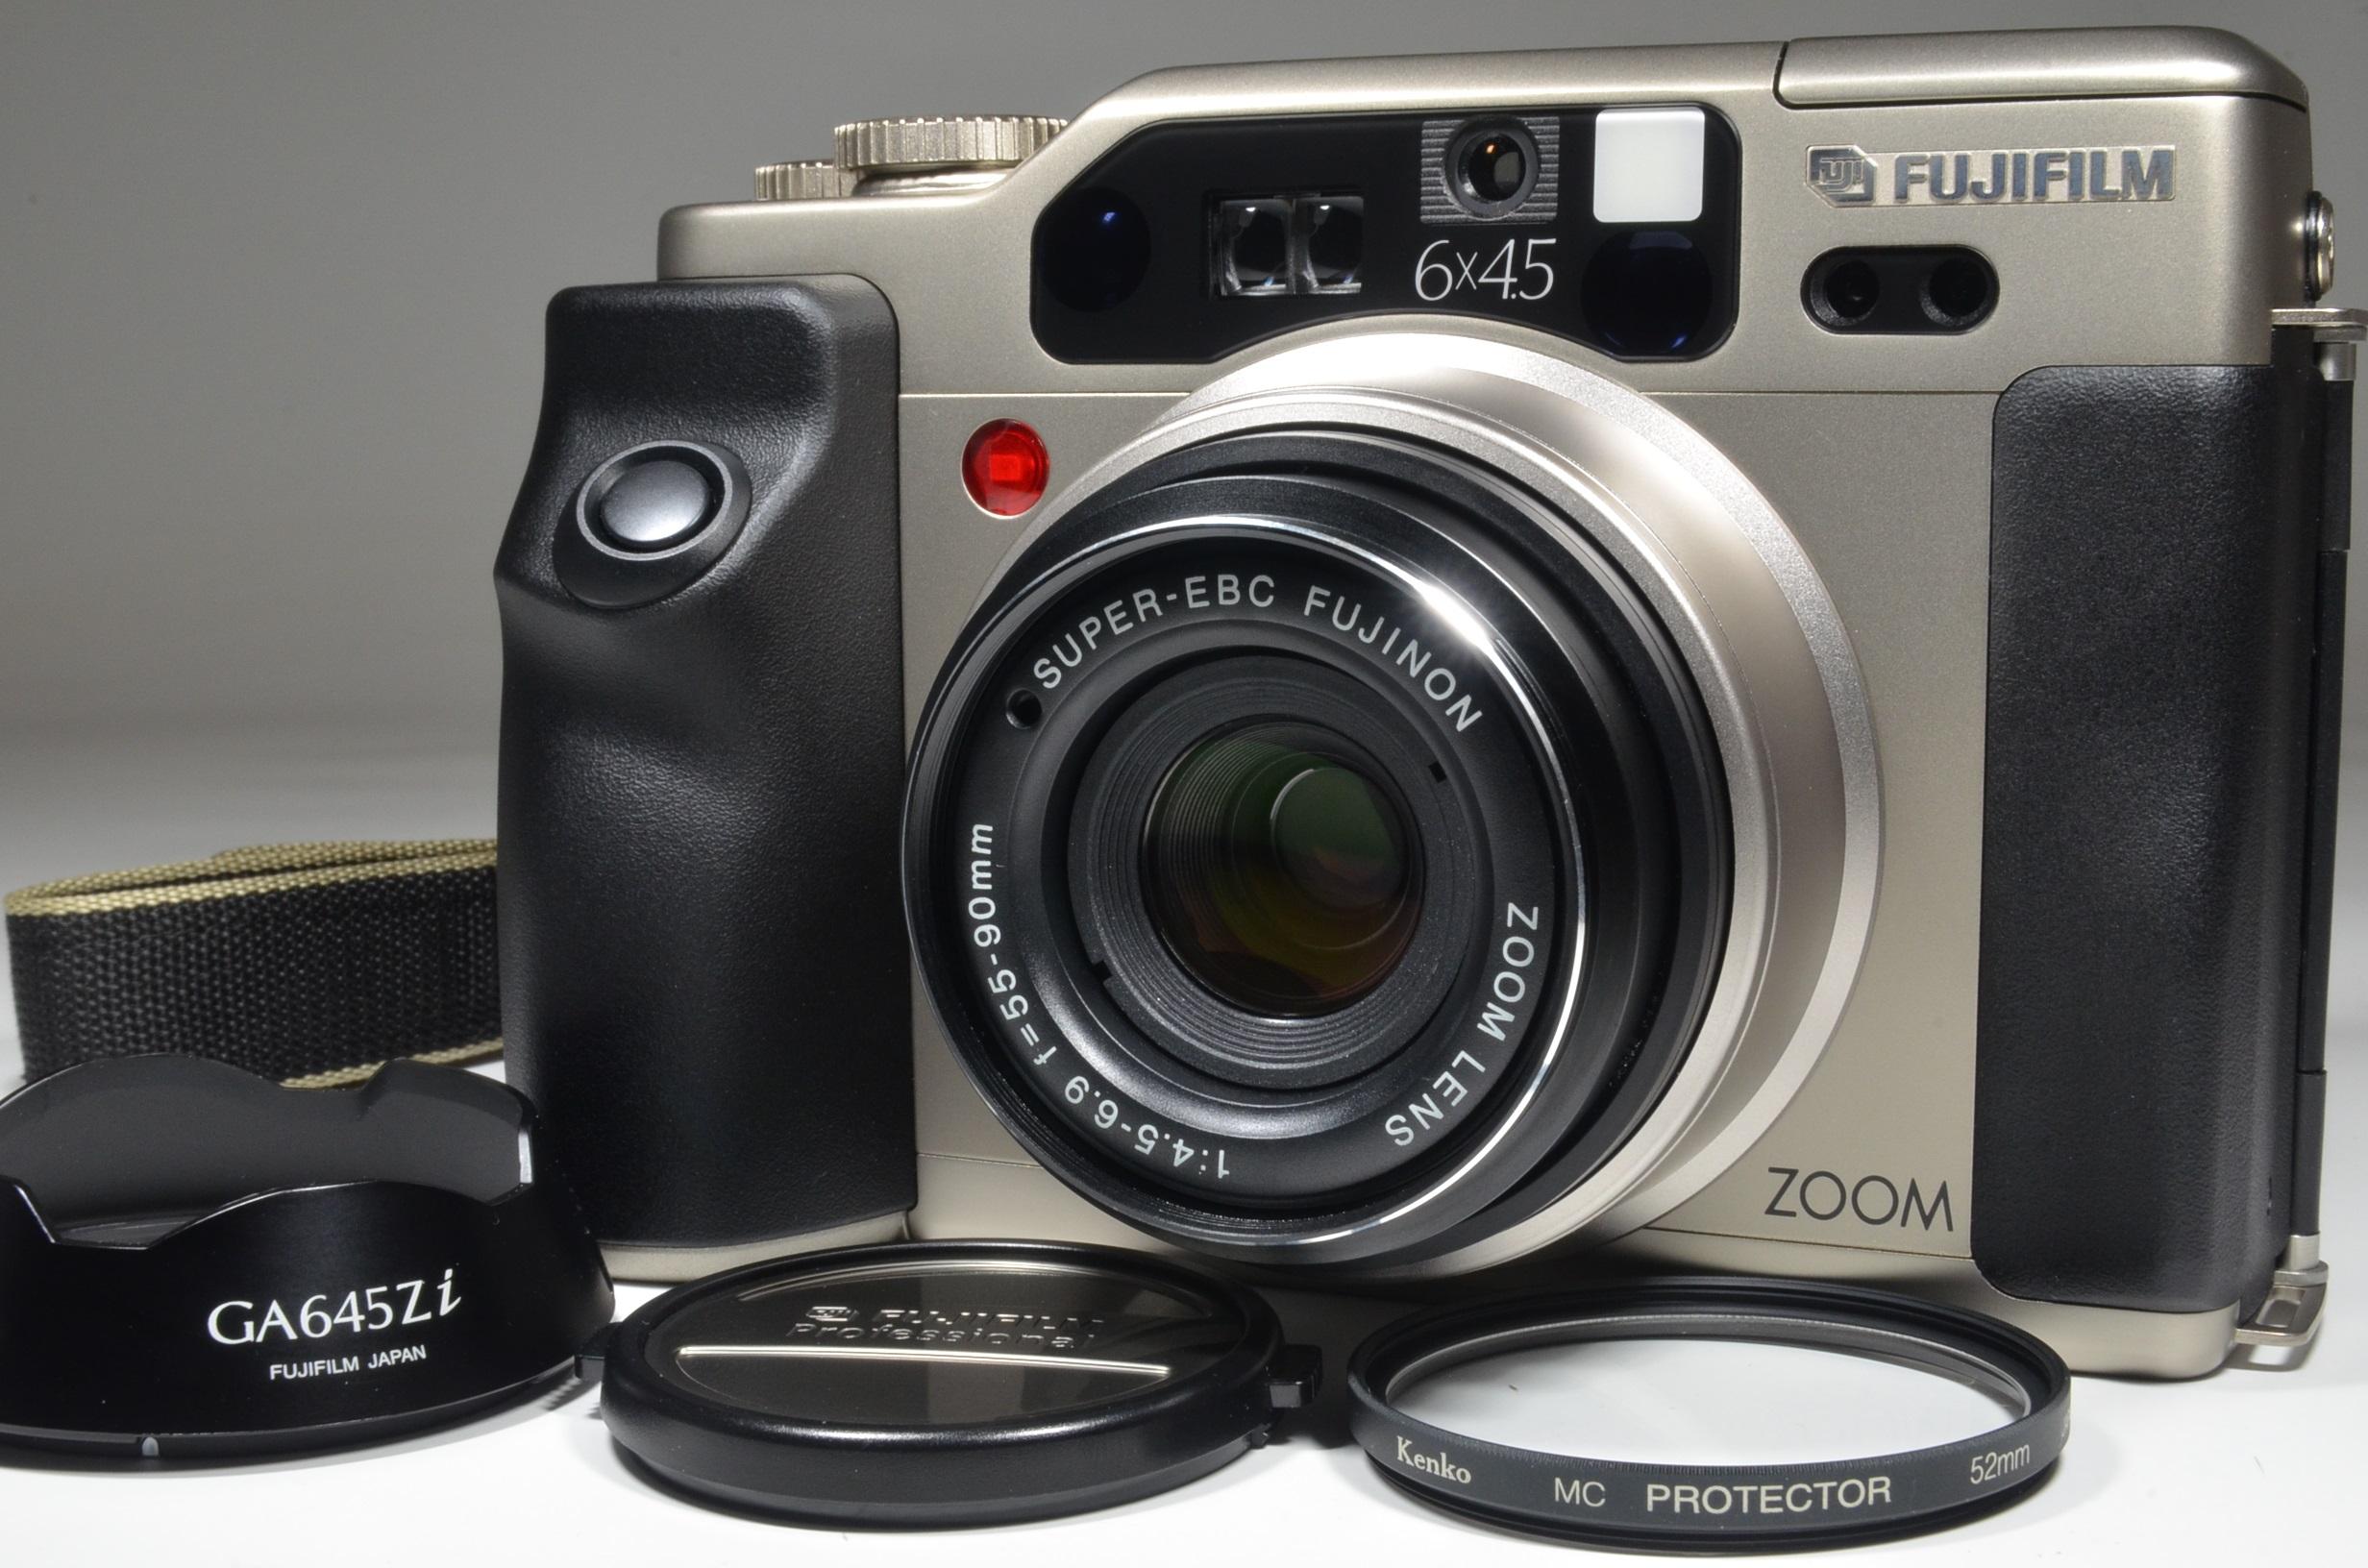 fujifilm ga645zi zoom 55-90mm f4.5-6.9 only 100 shot!